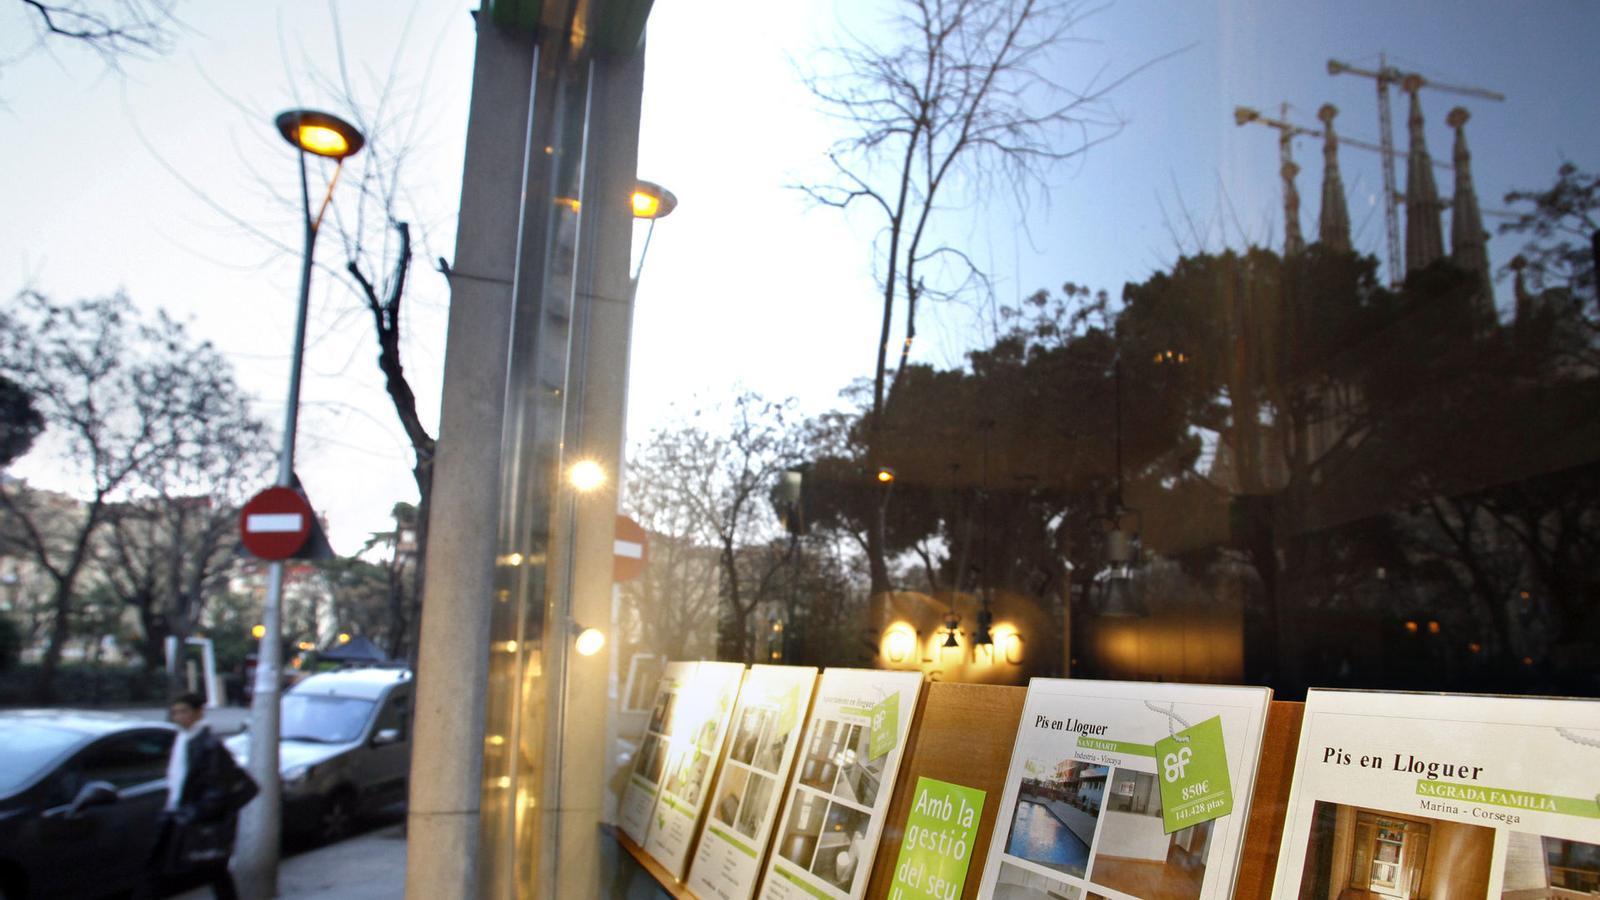 EL PREU DELS LLOGUERS, TAMBÉ A LA BAIXA  Tot i que la demanda de pisos de lloguer també ha pujat, a causa de la sequera del crèdit, els experts preveuen que el preu dels arrendaments també continuï baixant el 2013 perquè hi haurà un augment de la demanda. Molts dels propietaris de pisos buits optaran per llogar-los, davant les males perspectives del mercat de compravenda.